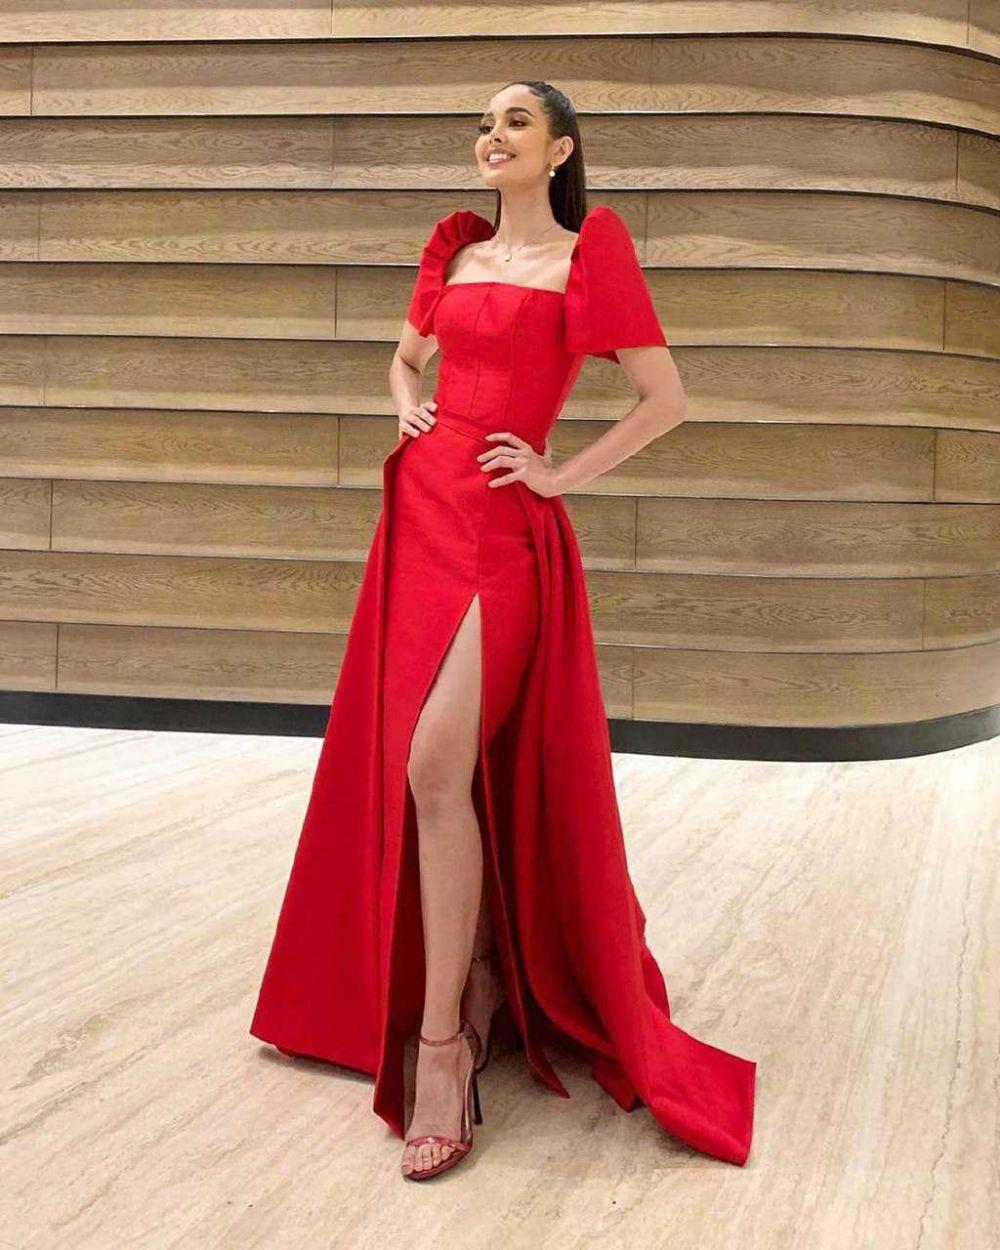 9 Potret Terkini Megan Lynne, Miss World 2013 yang Makin Glowing